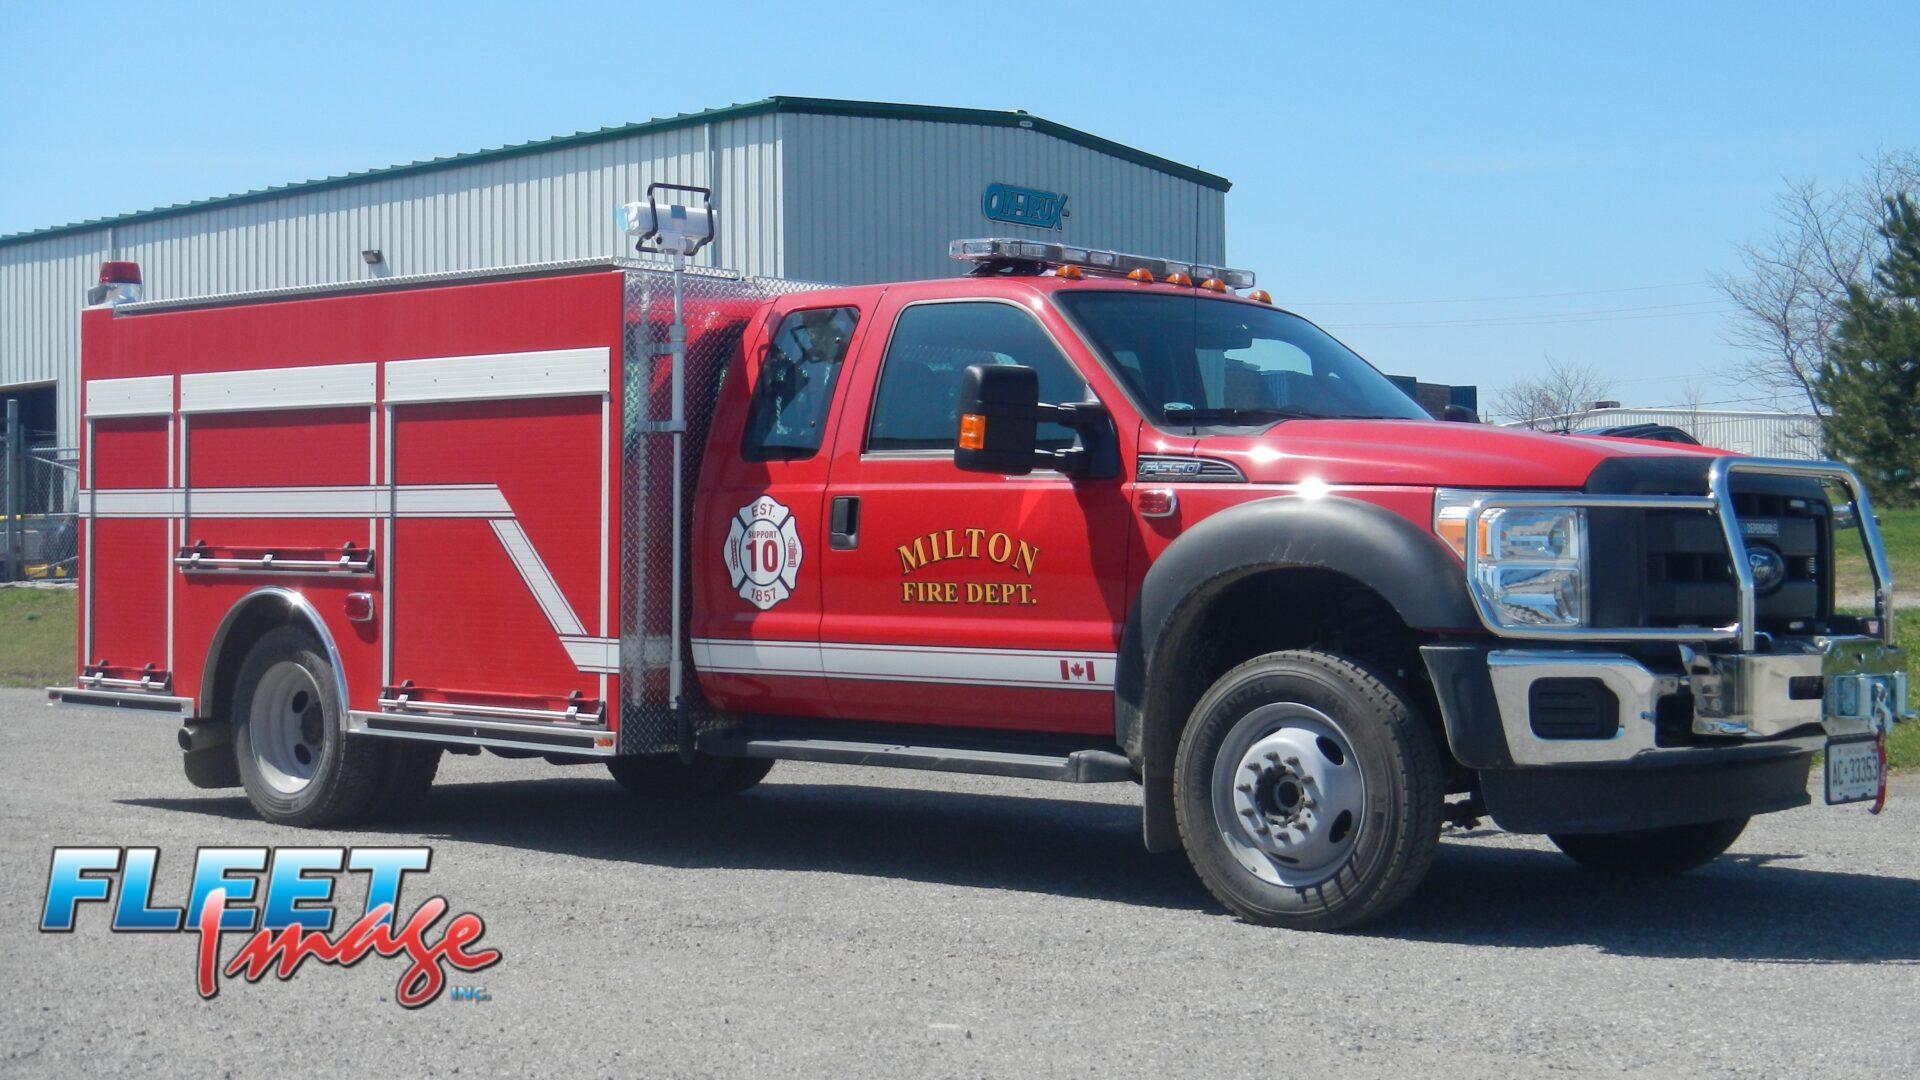 Milton Fire Dept. decal on a fire truck